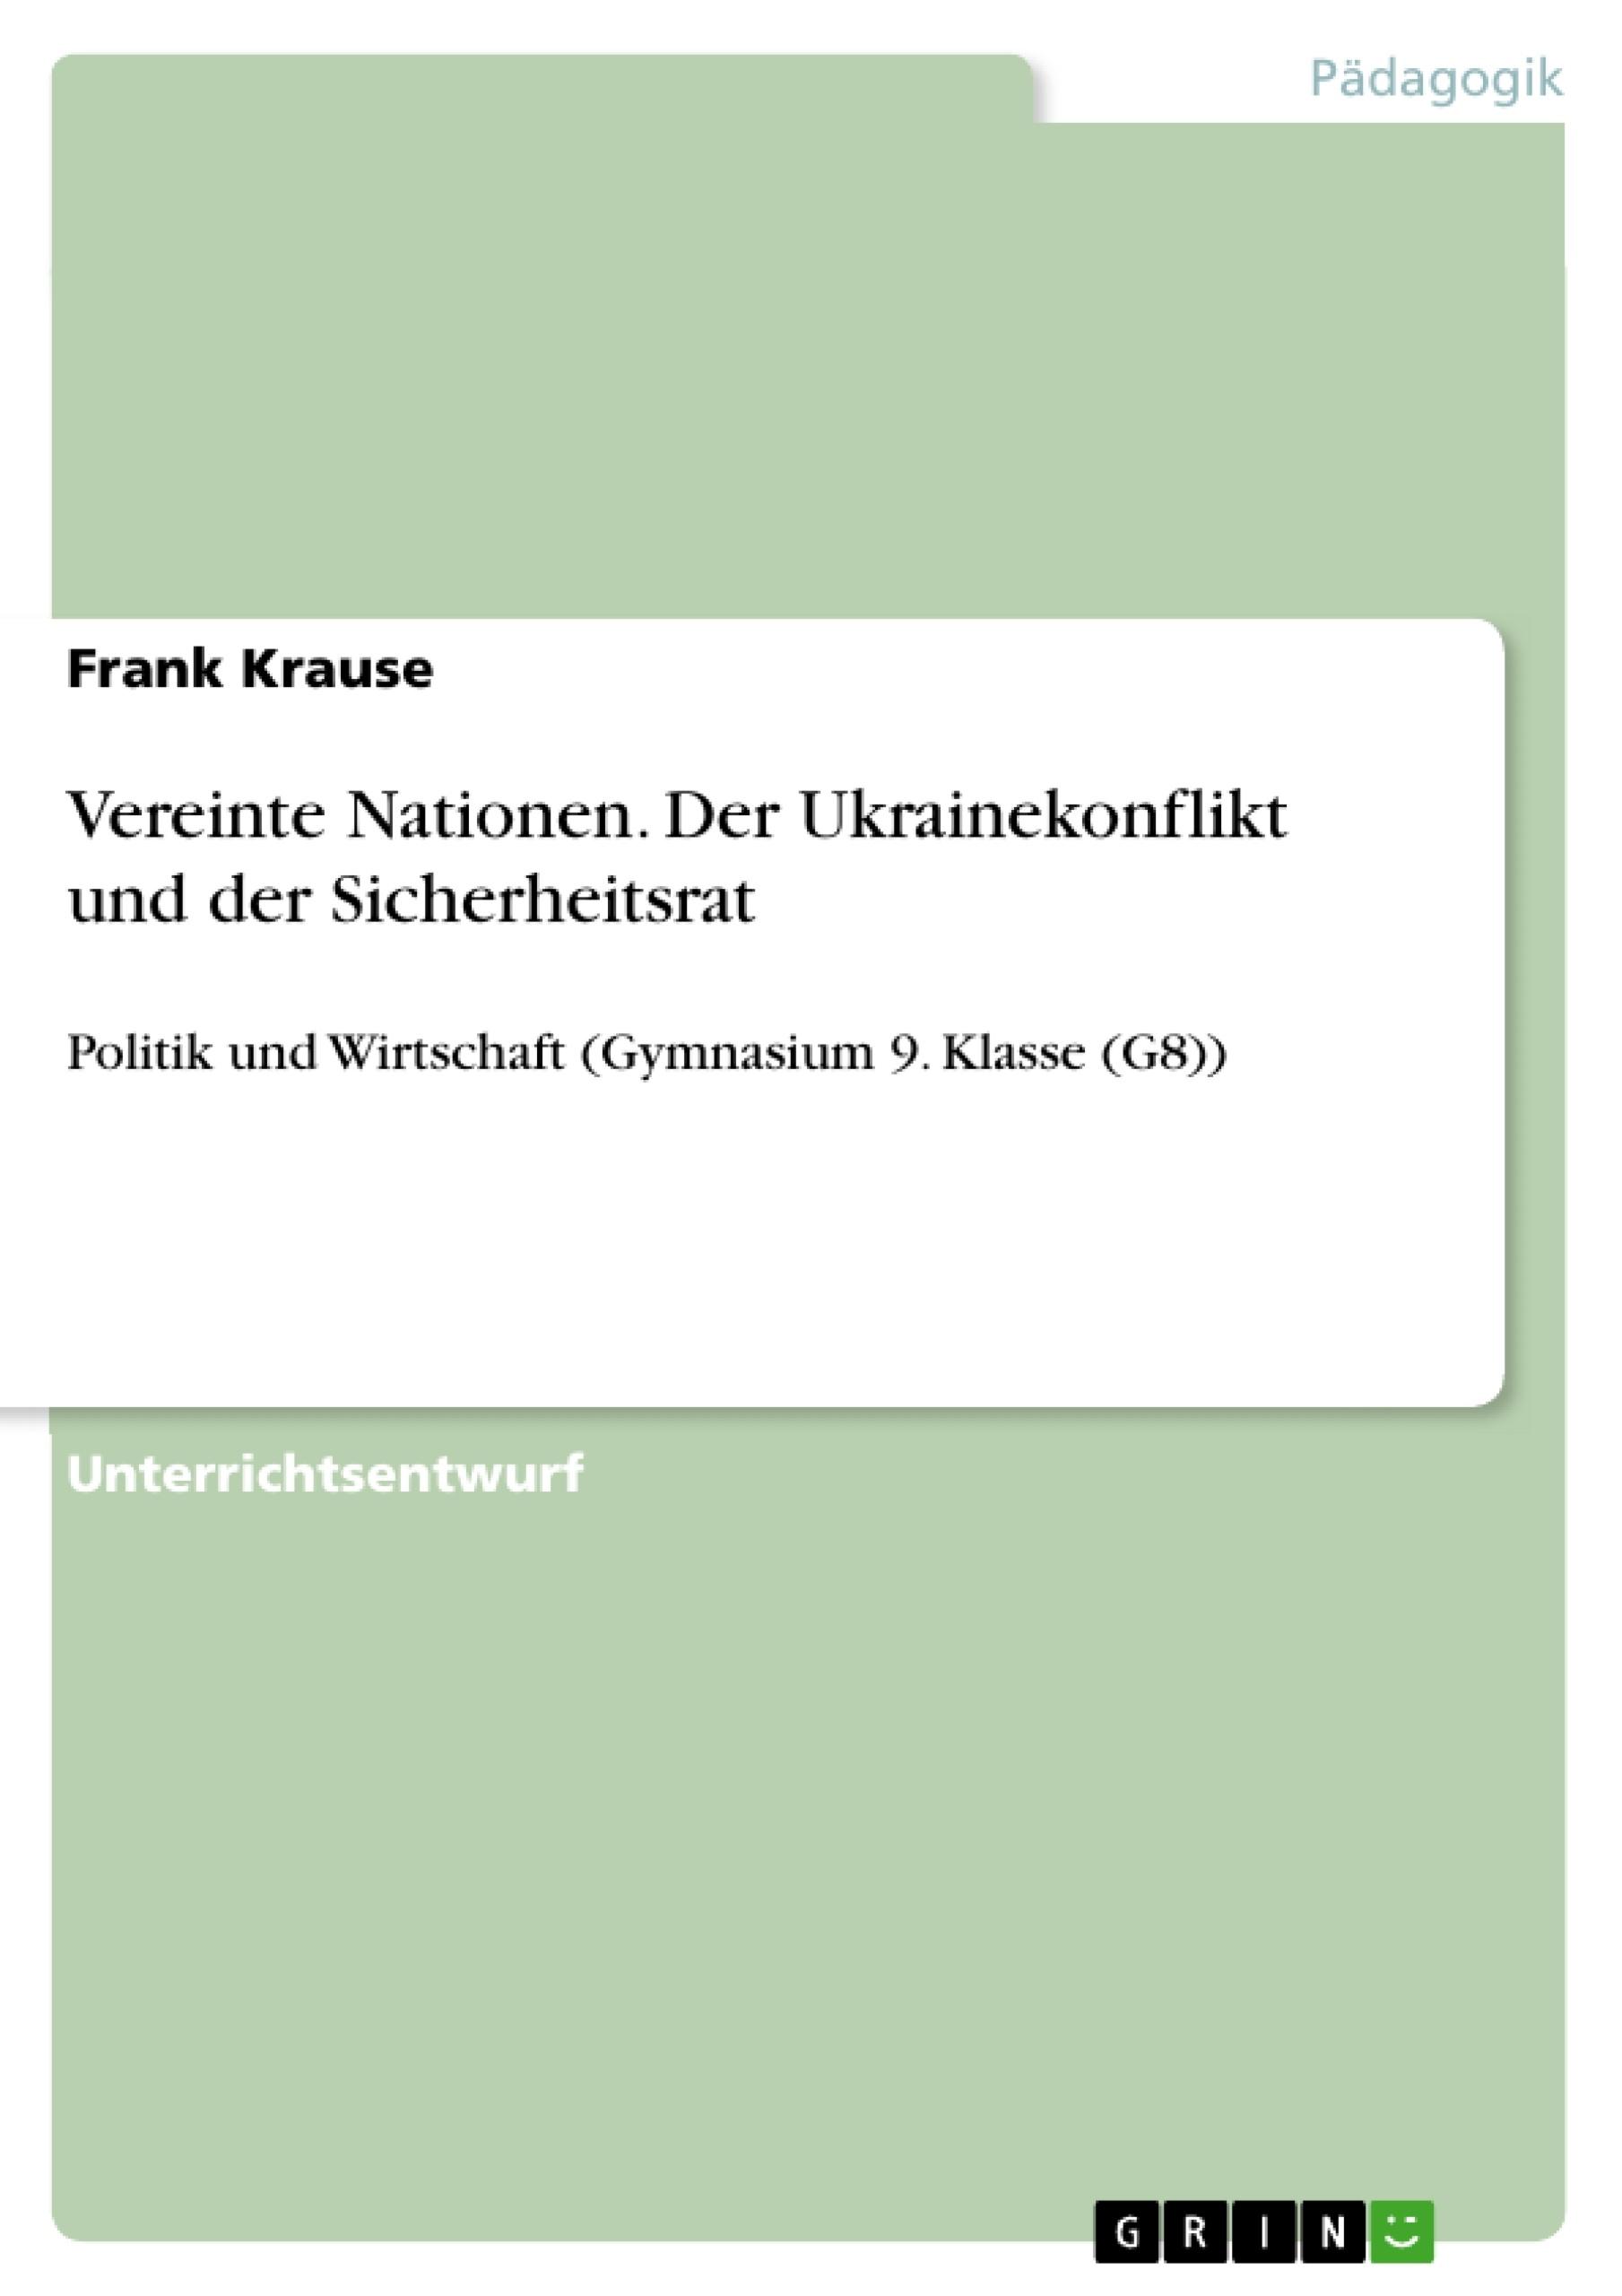 Titel: Vereinte Nationen. Der Ukrainekonflikt und der Sicherheitsrat